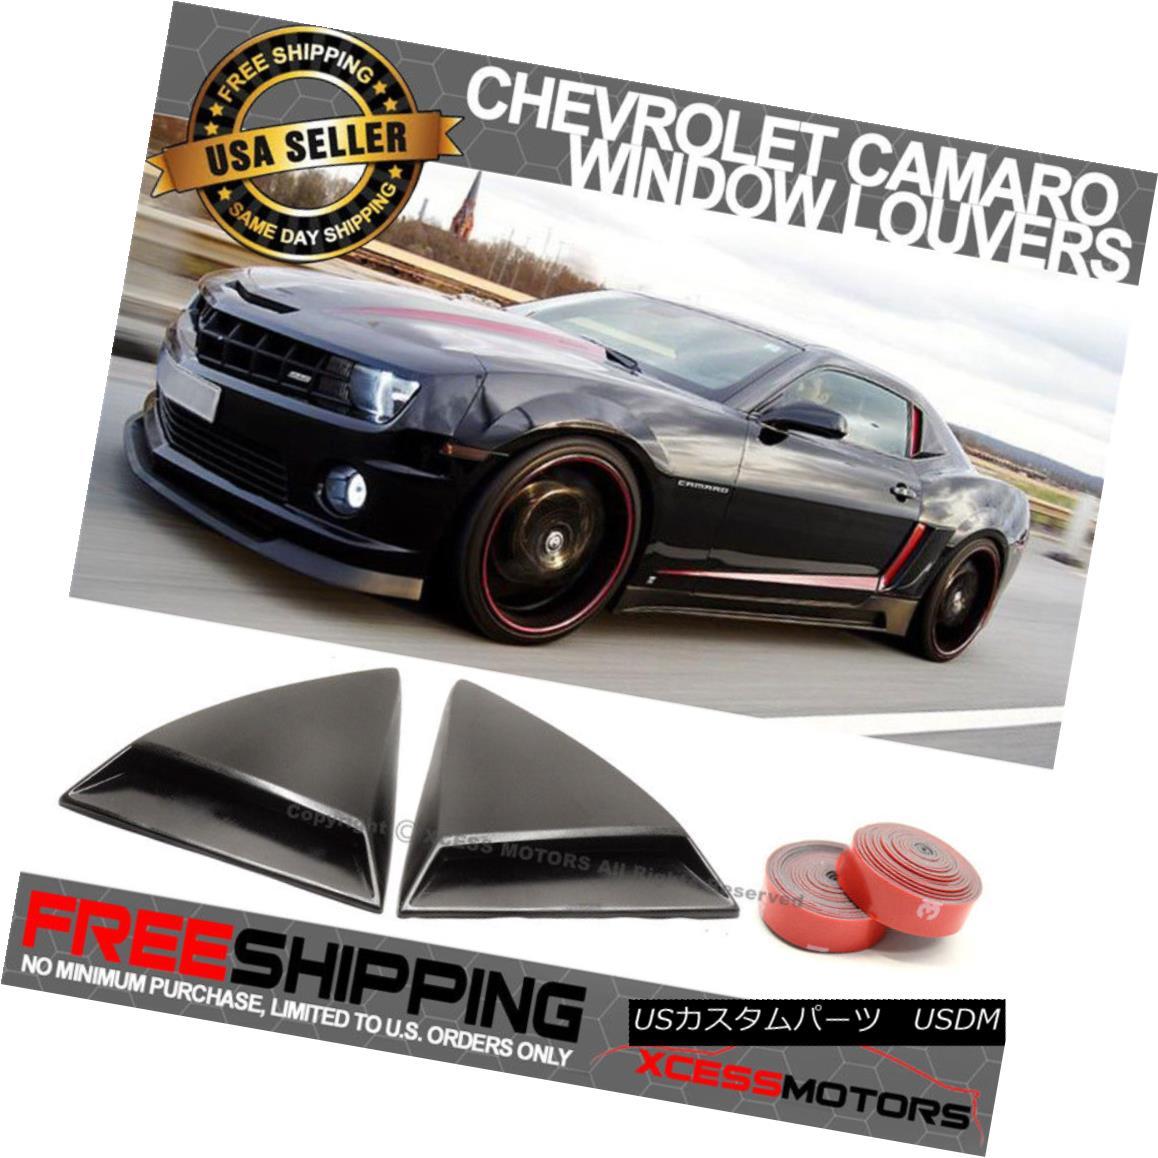 エアロパーツ Fits 10-15 Chevrolet Camaro Rear Quarter Side Window Louvers Scoops 2Pcs フィット10-15シボレーカマロリアクォーターのサイドウィンドウのルーバー2PCSをスクープ